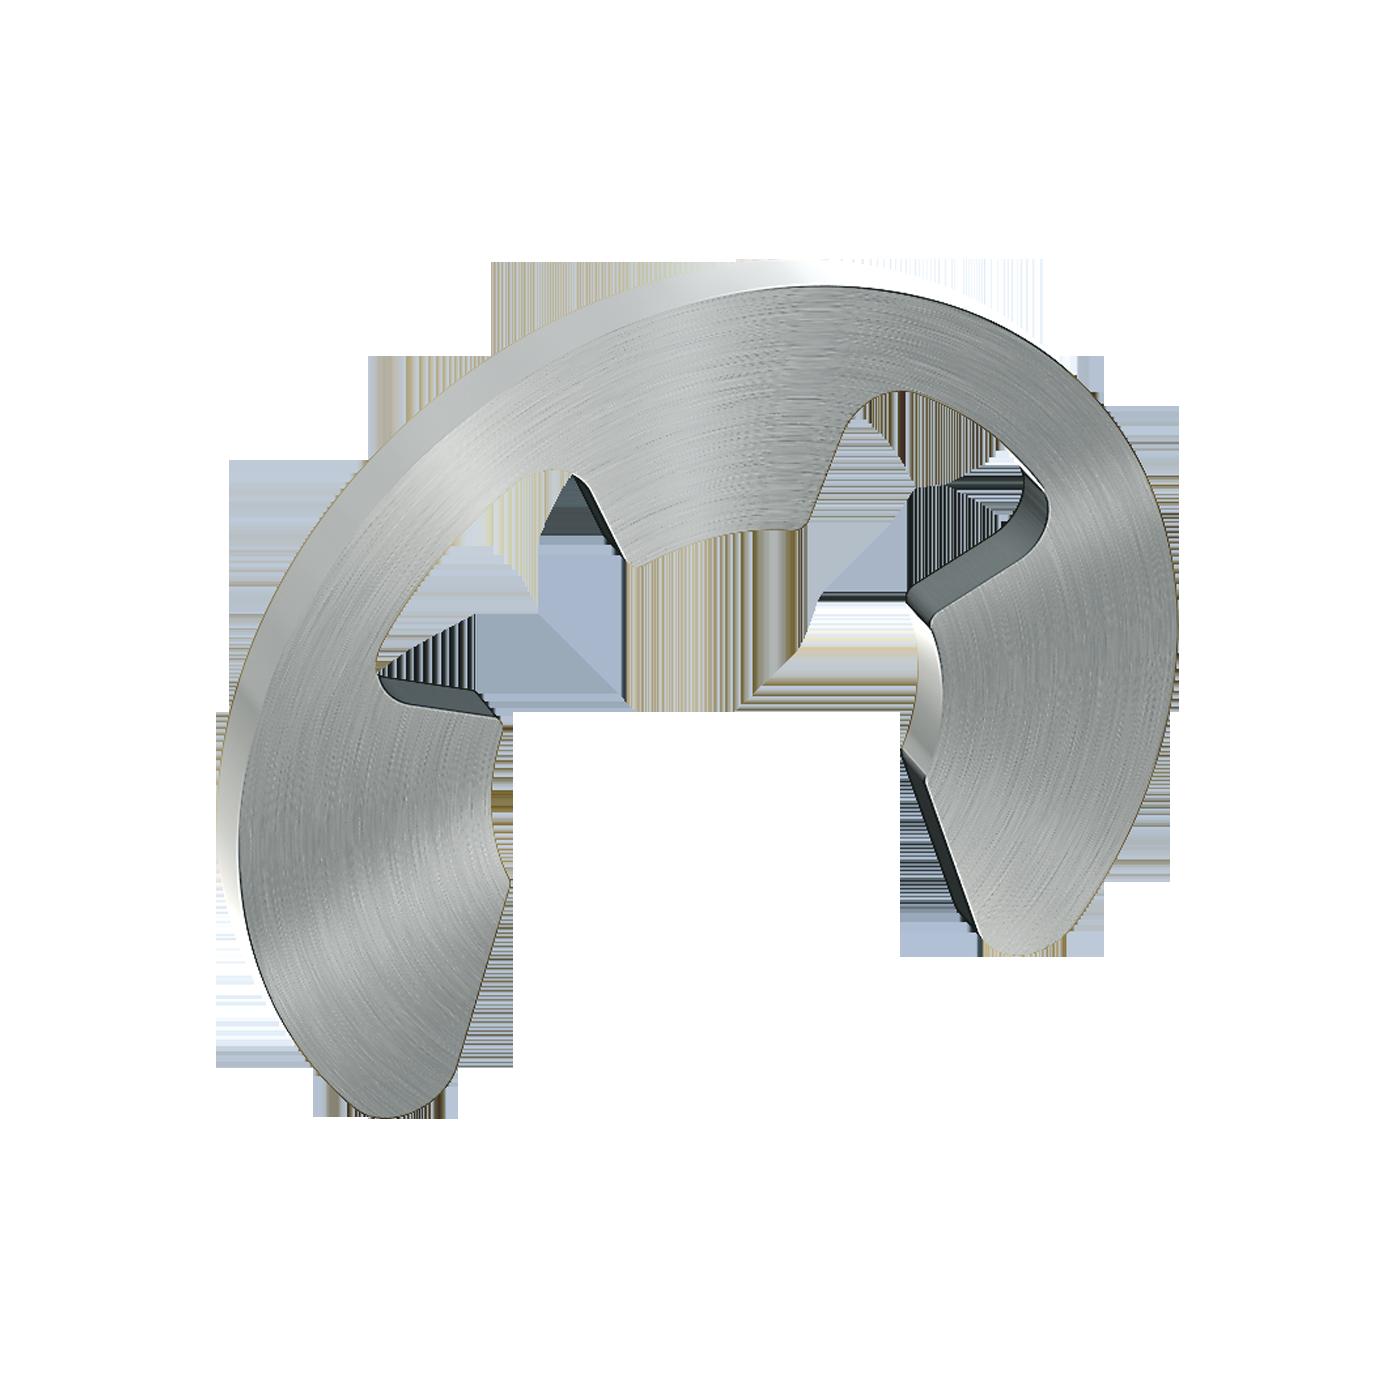 mbo Oßwald ist Lieferant von Sicherungsscheiben, Sicherungsscheibe, DIN 6799, für Bolzen und Wellen mit Nut, bzw. Einstich. Produziert werden diese aus Federstahl C67S oder C75S nach DIN EN 101322-4 oder alternativ in Edelstahl.